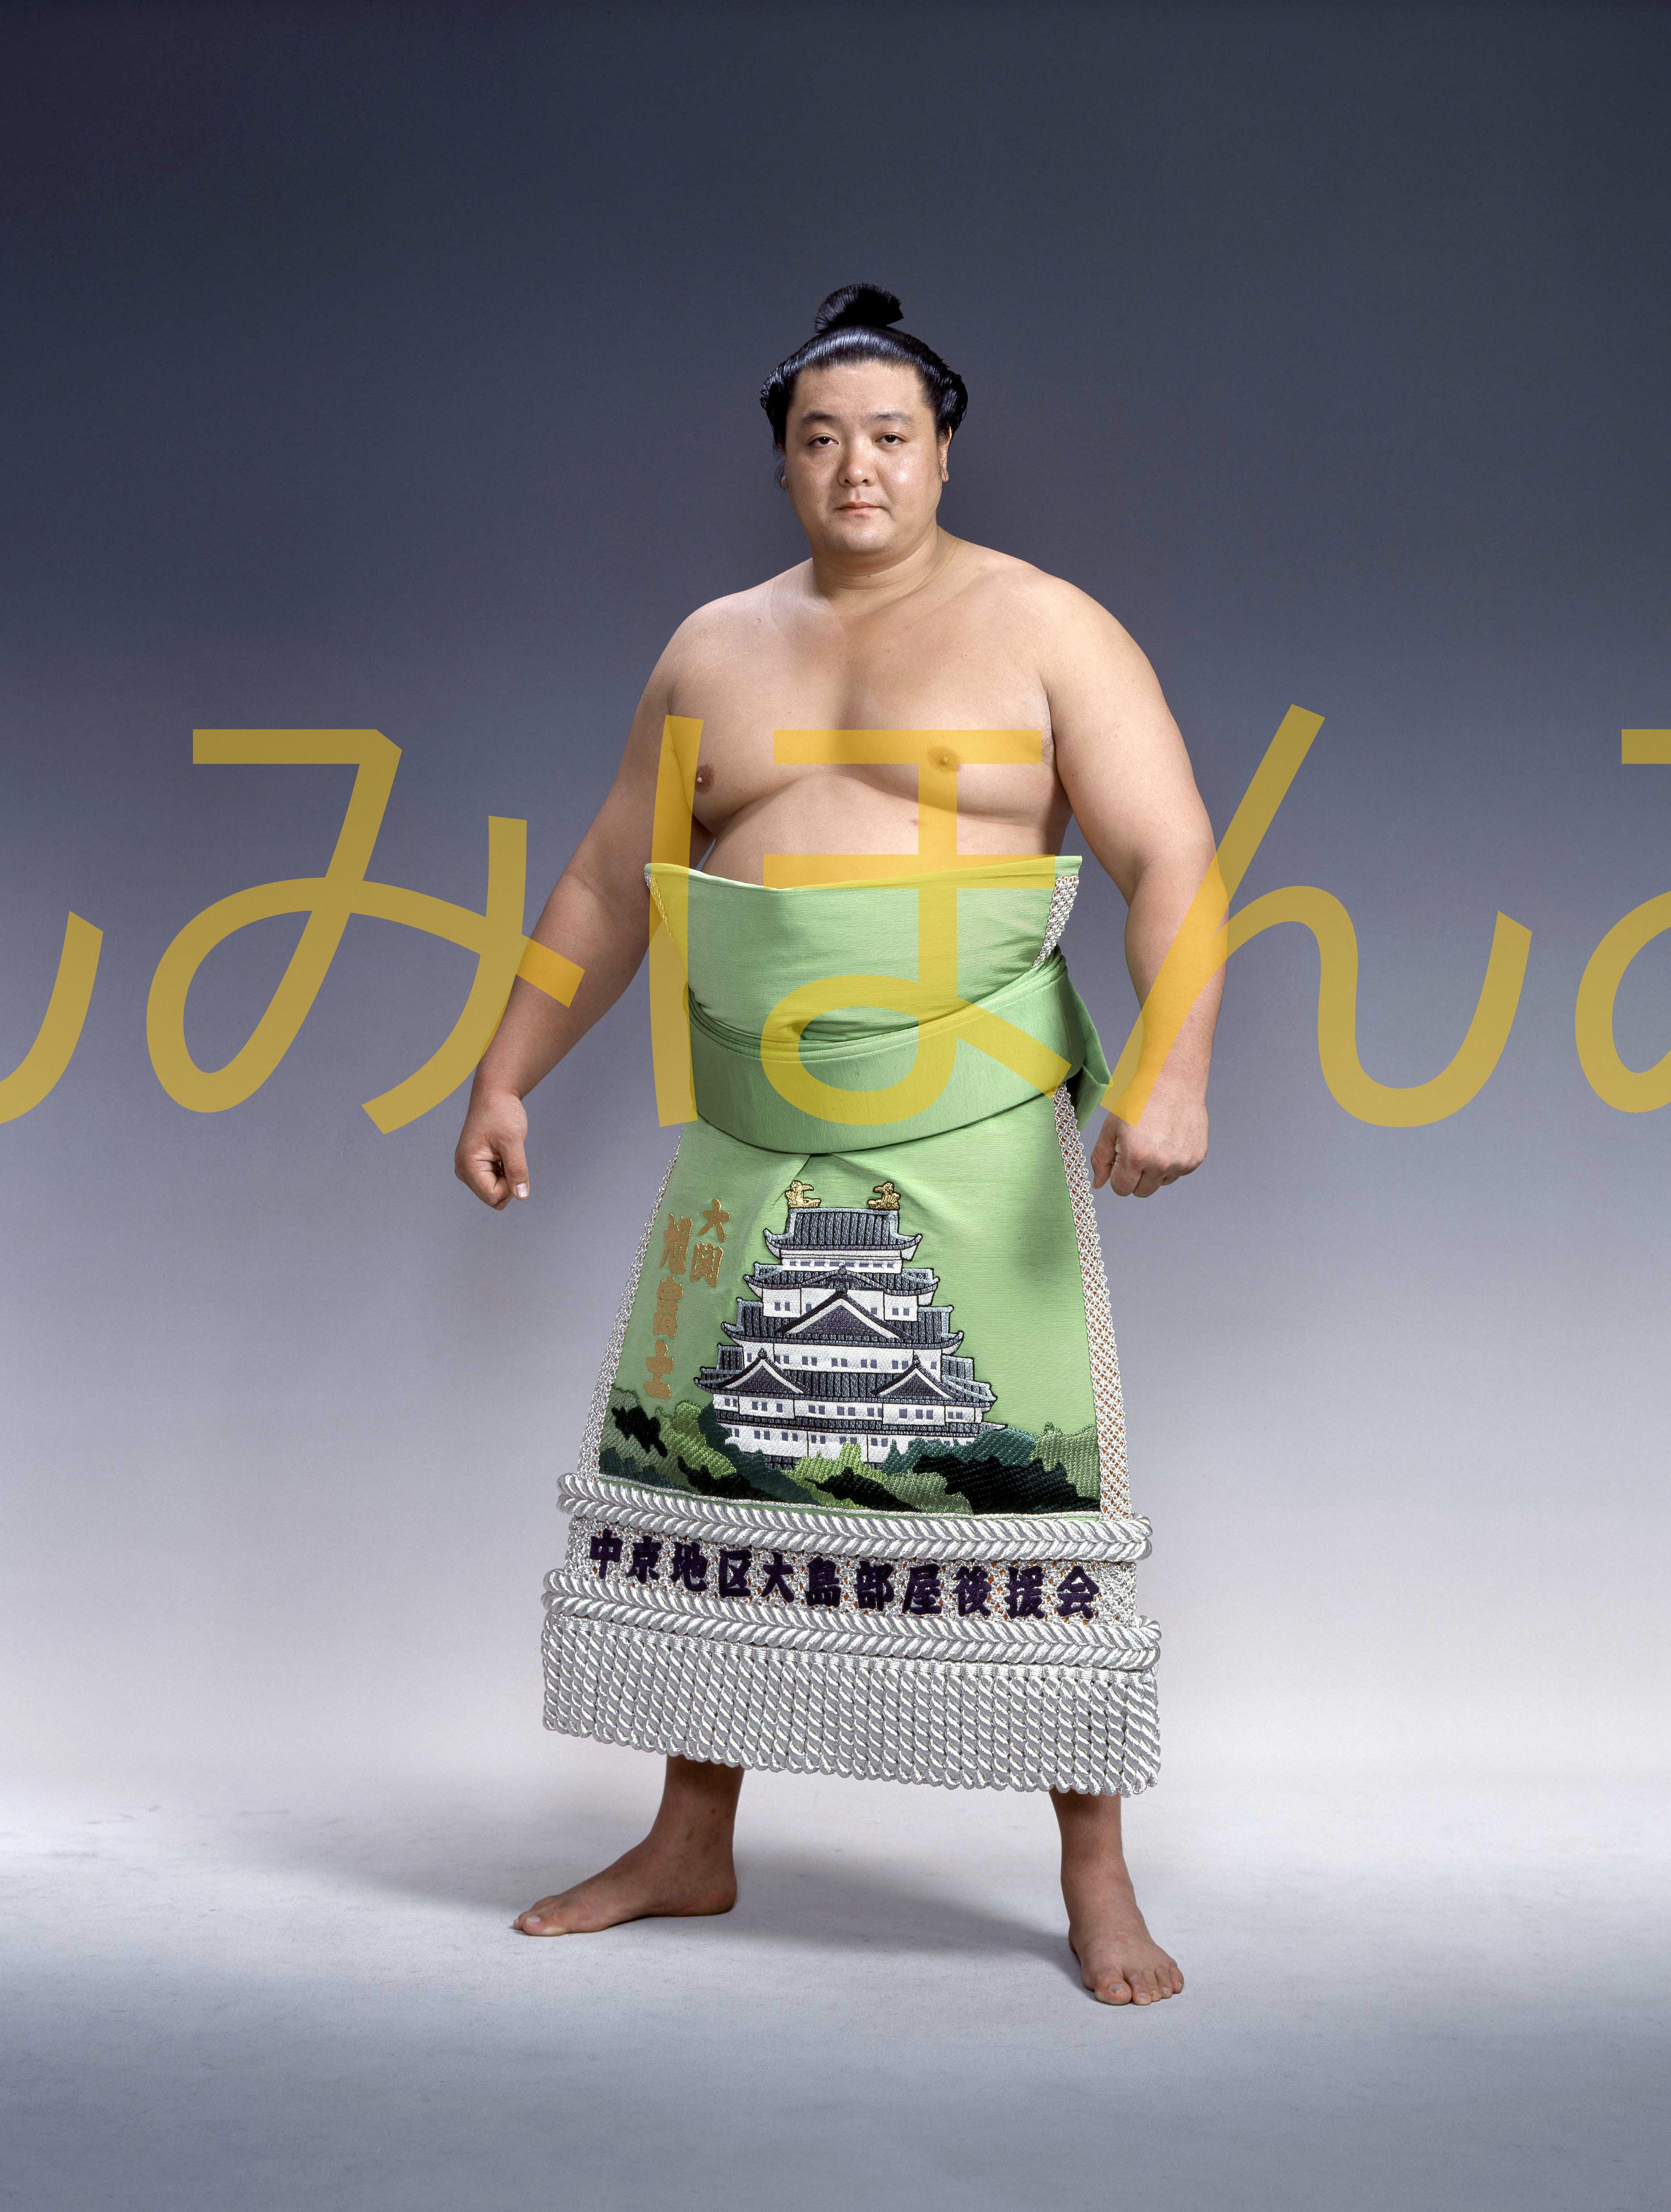 平成2年7月場所優勝 大関 旭富士正也関(3回目の優勝)